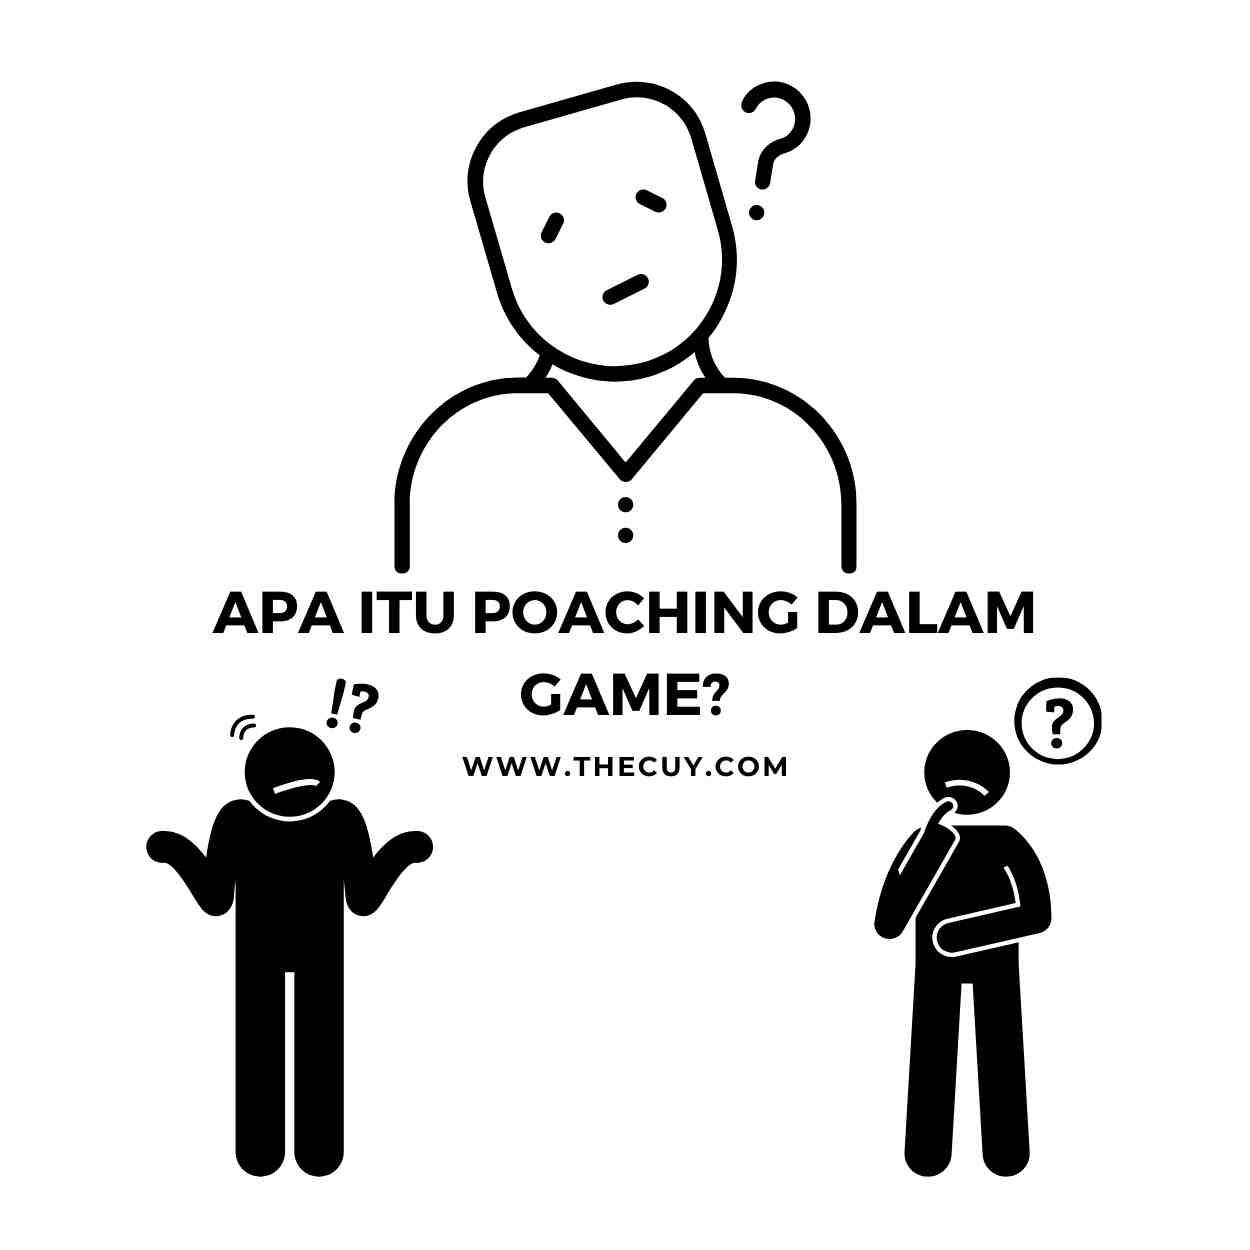 Apa Itu Poaching Dalam Game